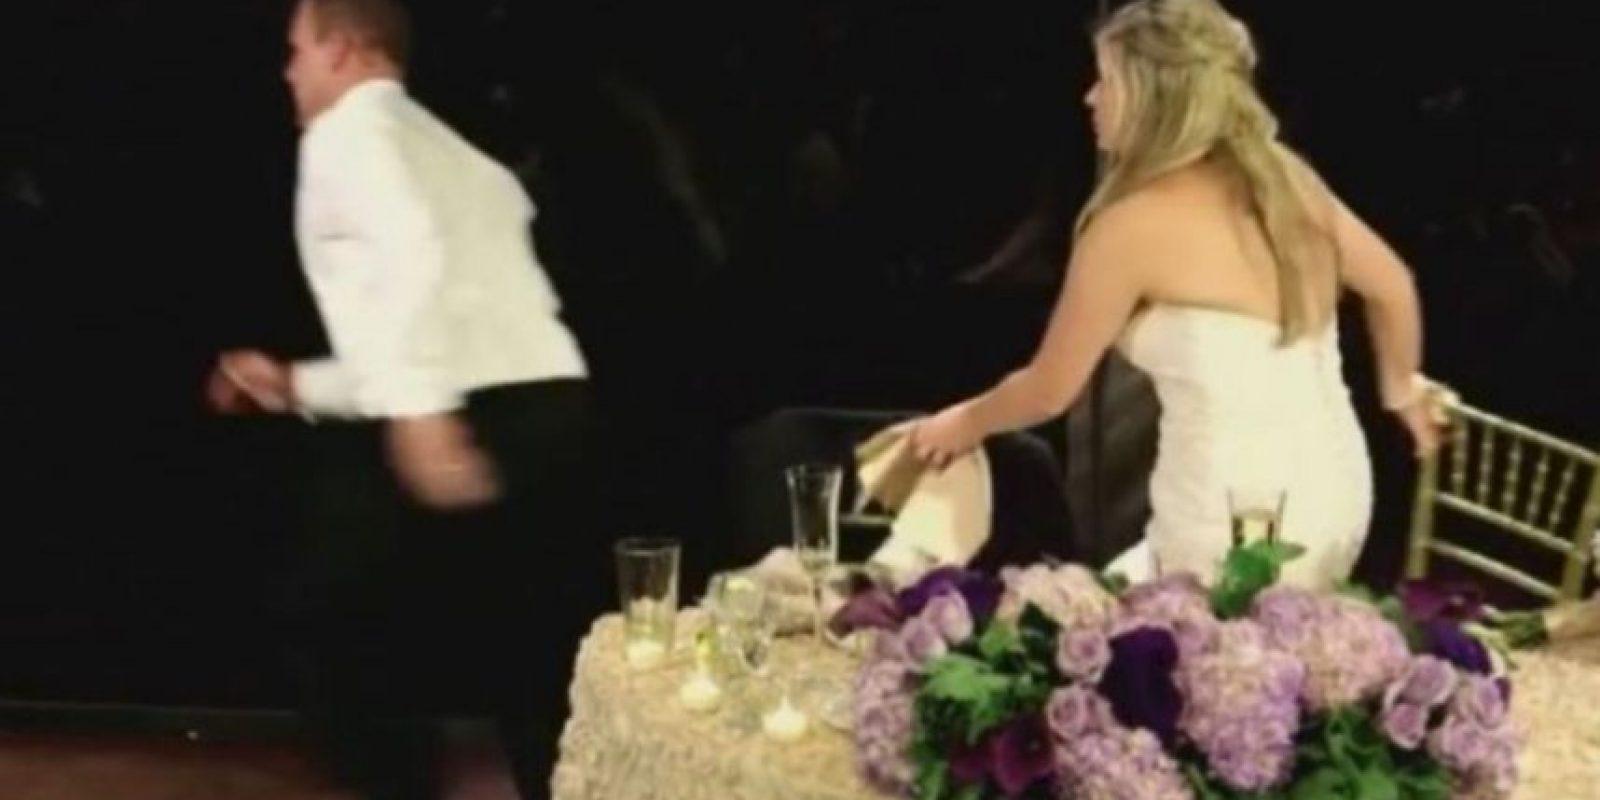 """Luego del drama, la esposa mencionó al canal de noticias """"ABC7"""": """"Salvar una vida justo delante de mí, el día de nuestra boda, sólo logró un verdadero día increíble"""". Foto:YouTube – Archivo"""